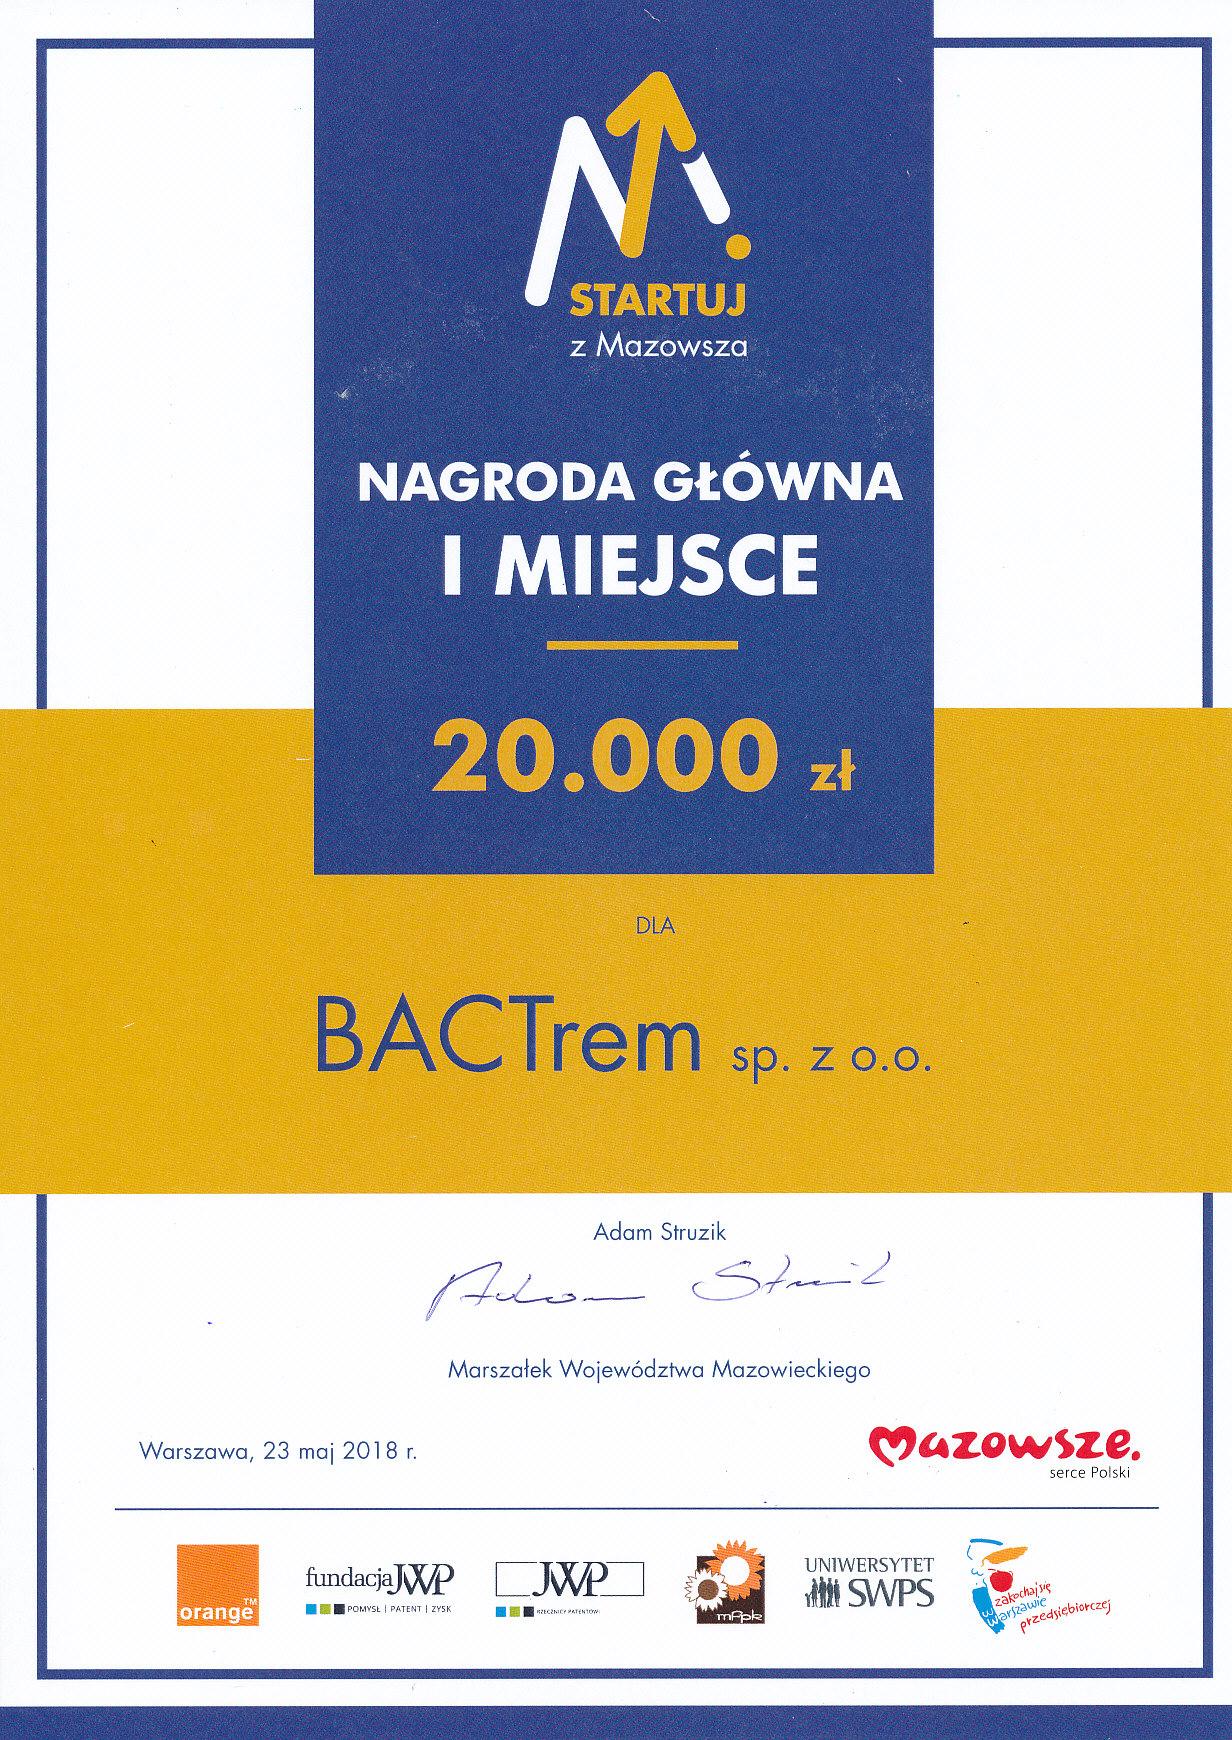 Plakat Startuj z Mazowsza